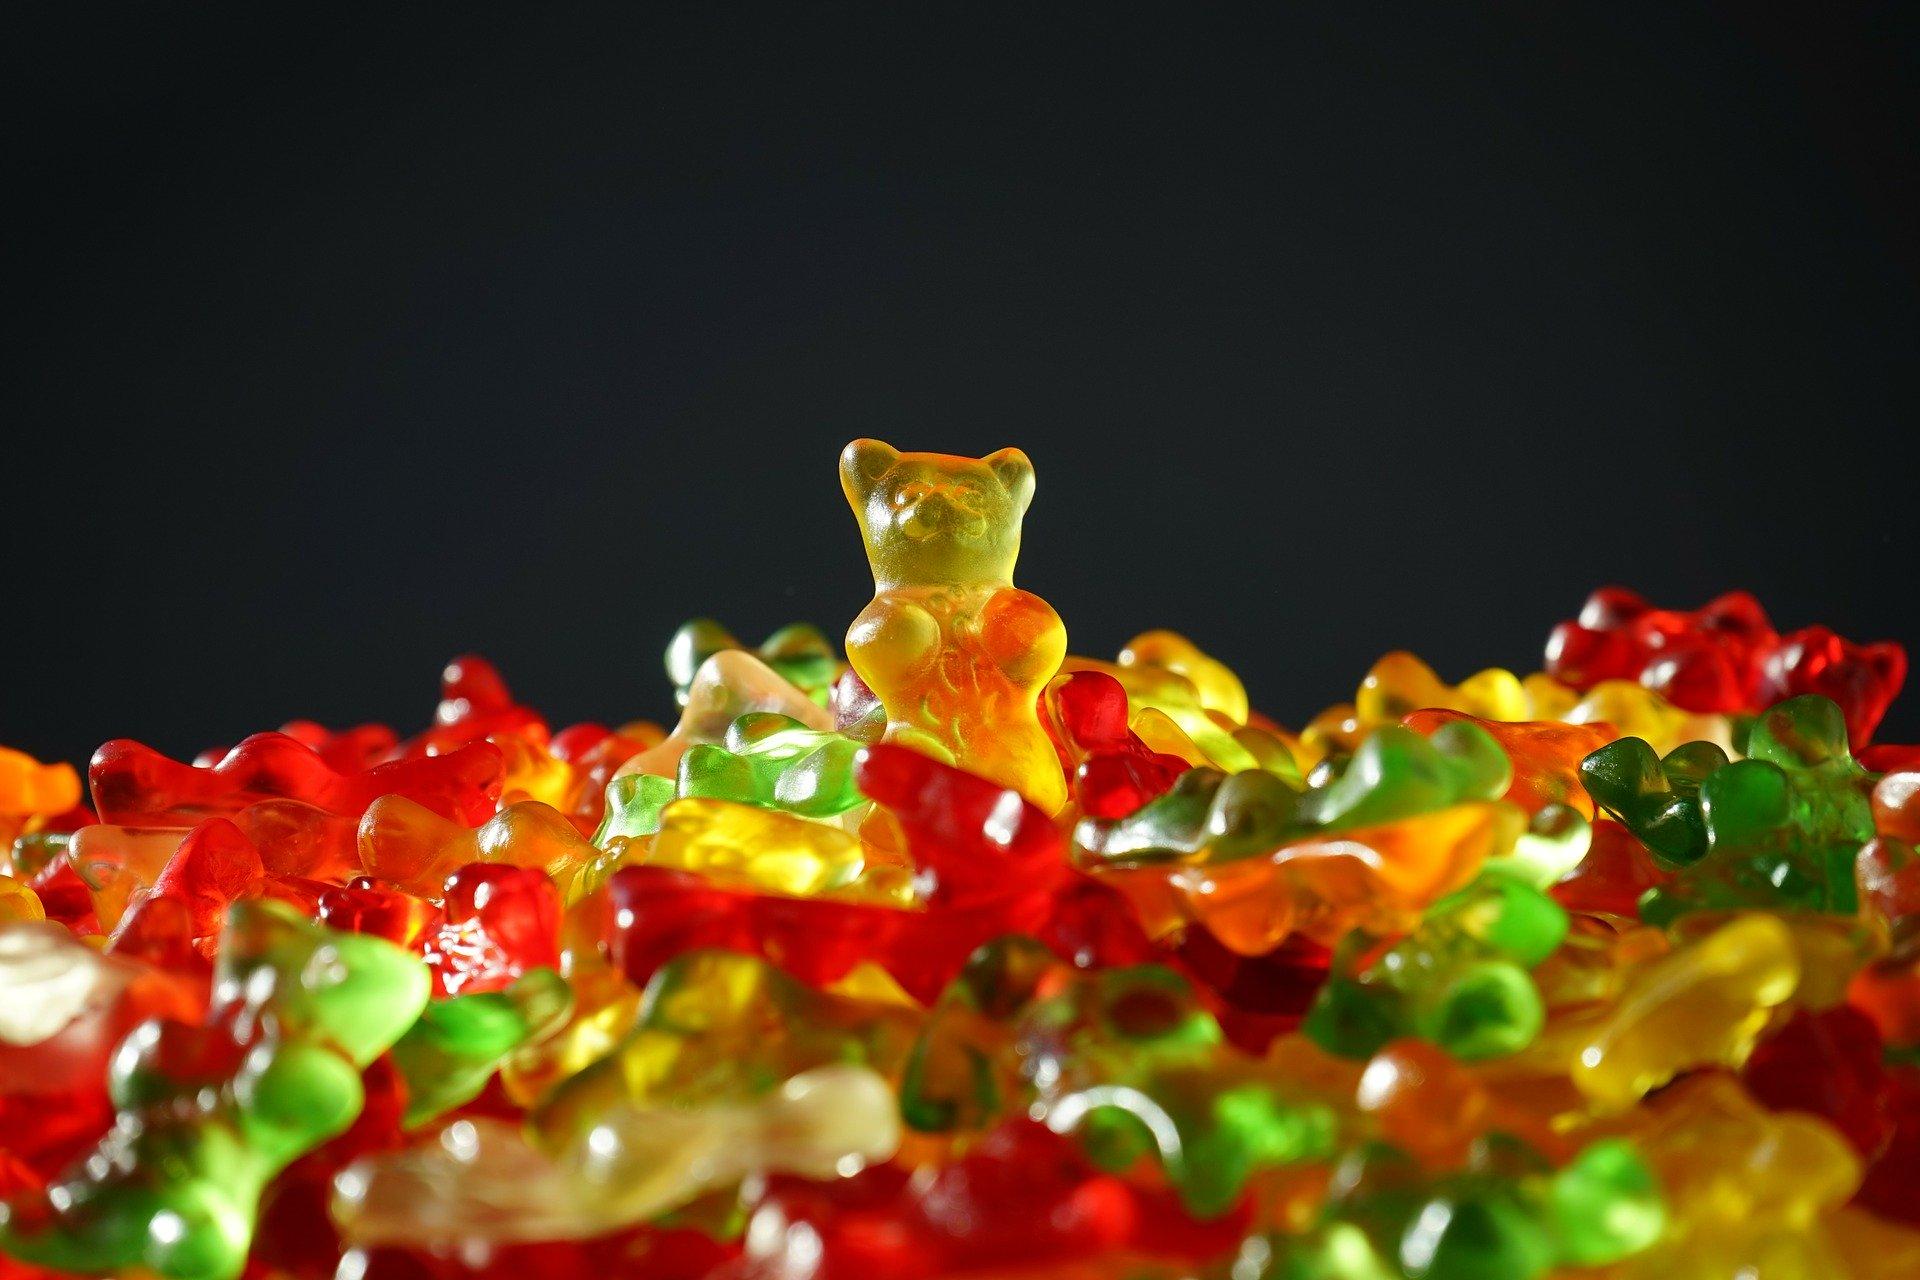 Brutaler Gummibärchen-Kopf-Abbeißer zu zehn Monate Gemüse-Essen verurteilt